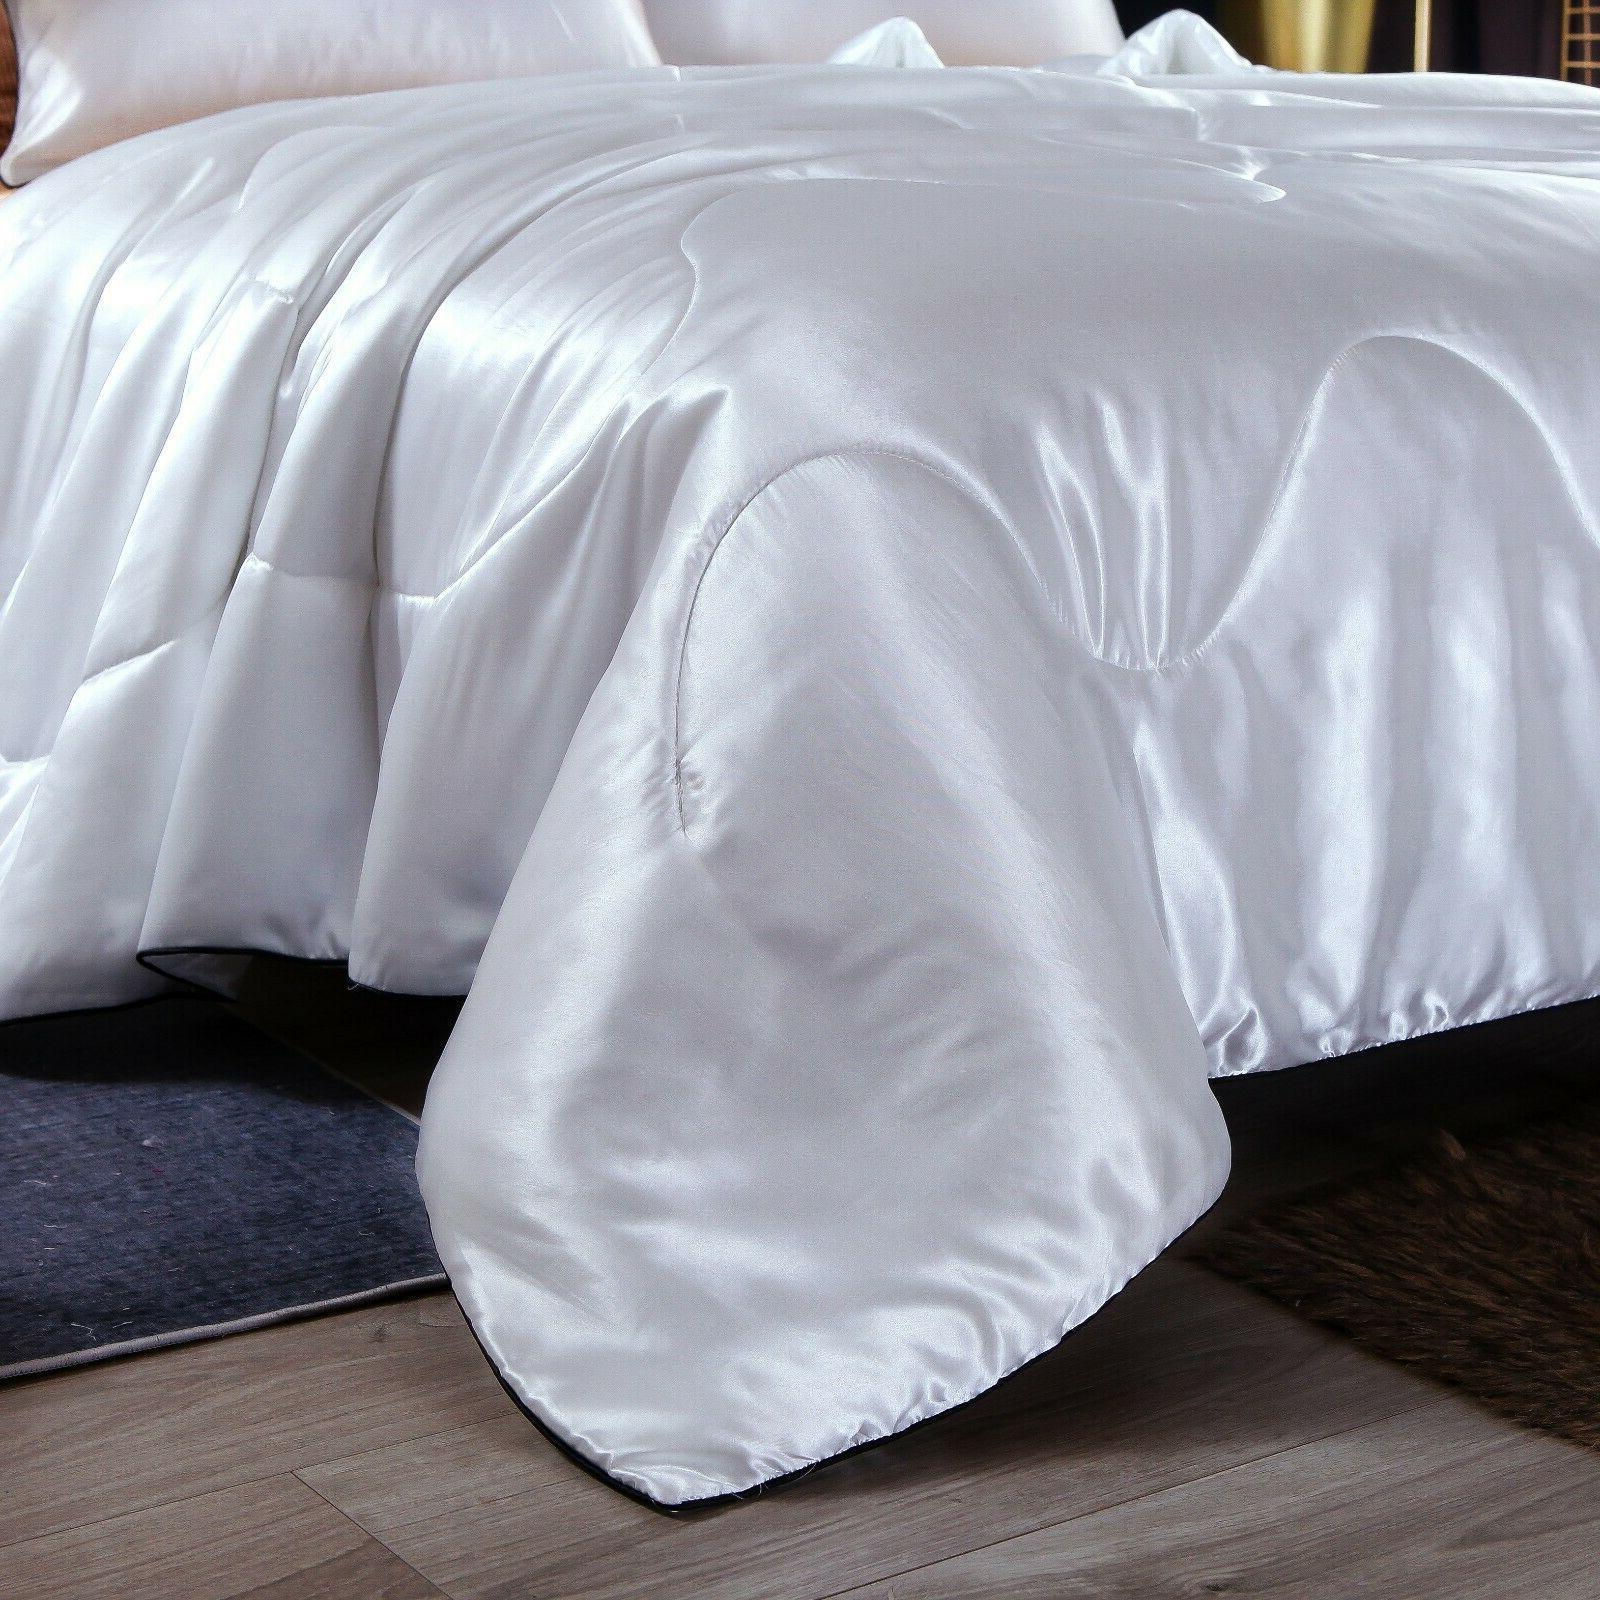 Solid Like Quilt Comforter Soft Doona